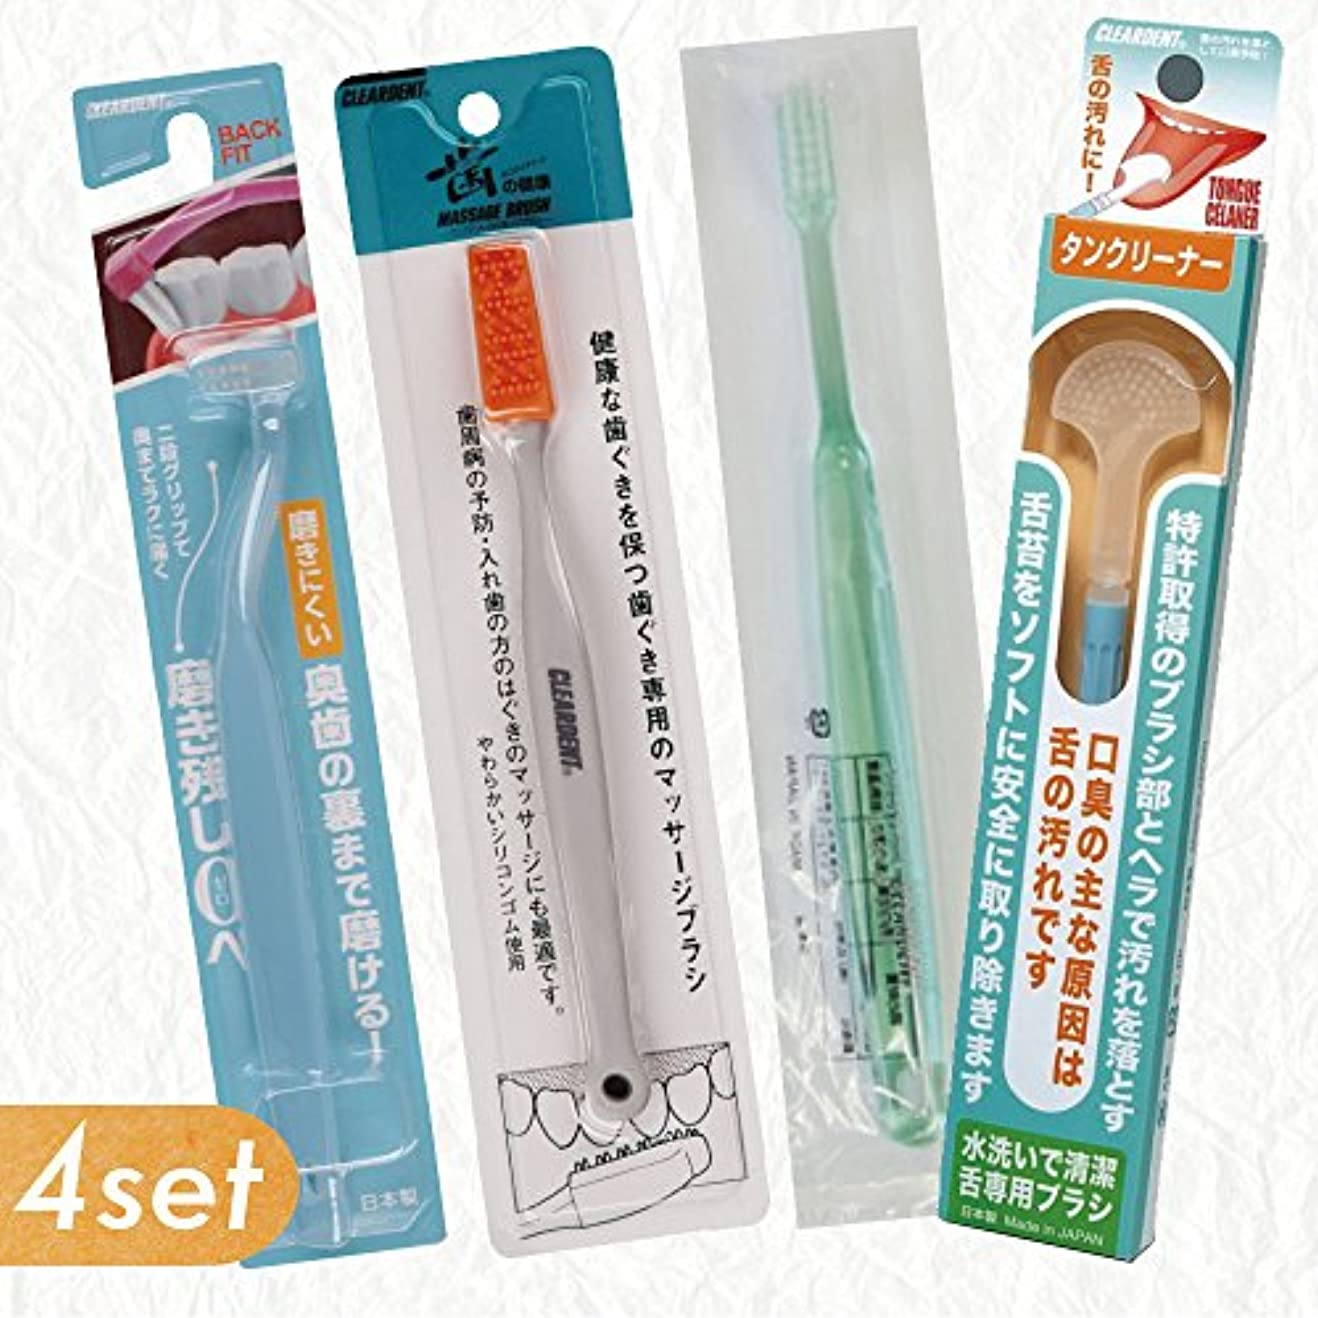 起きろセンチメートル科学的【CLEARDENT】(4点セット)はぐきマッサージブラシ+タンクリーナー+バックフィット+歯ブラシ各1本(色は指定できません。)